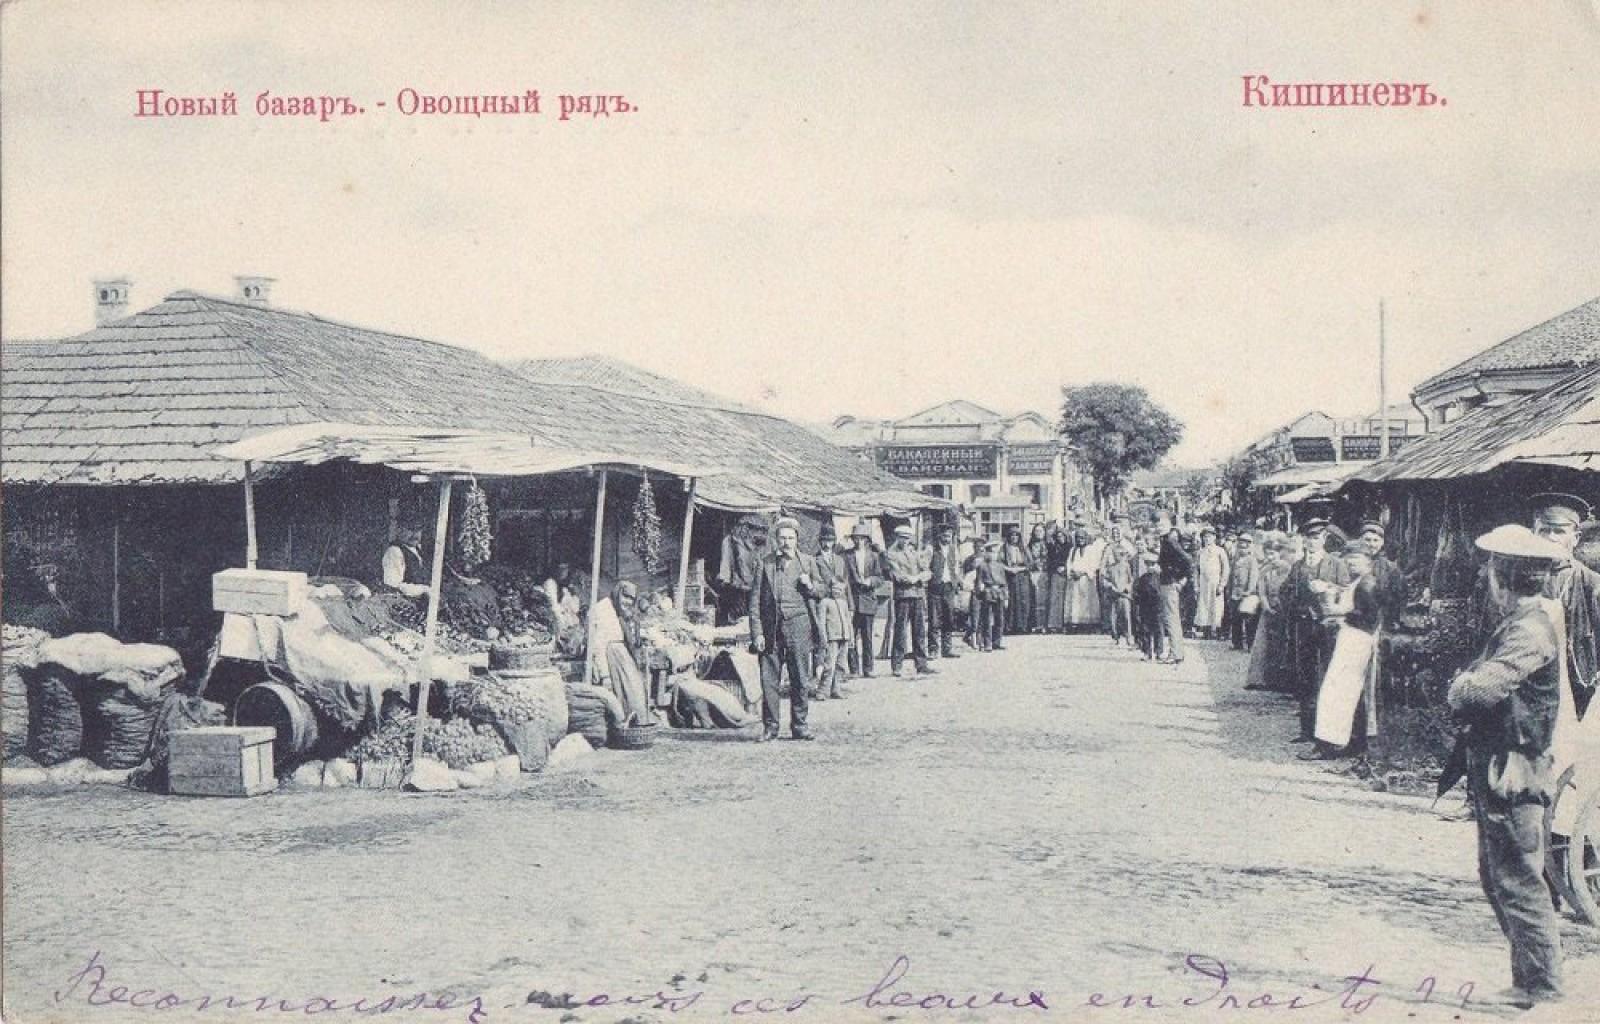 (foto) Imaginea zilei: Piața Centrală în secolul XX, pe atunci se numea Новый базарь. Nu aglomerat, ordine și curățenie